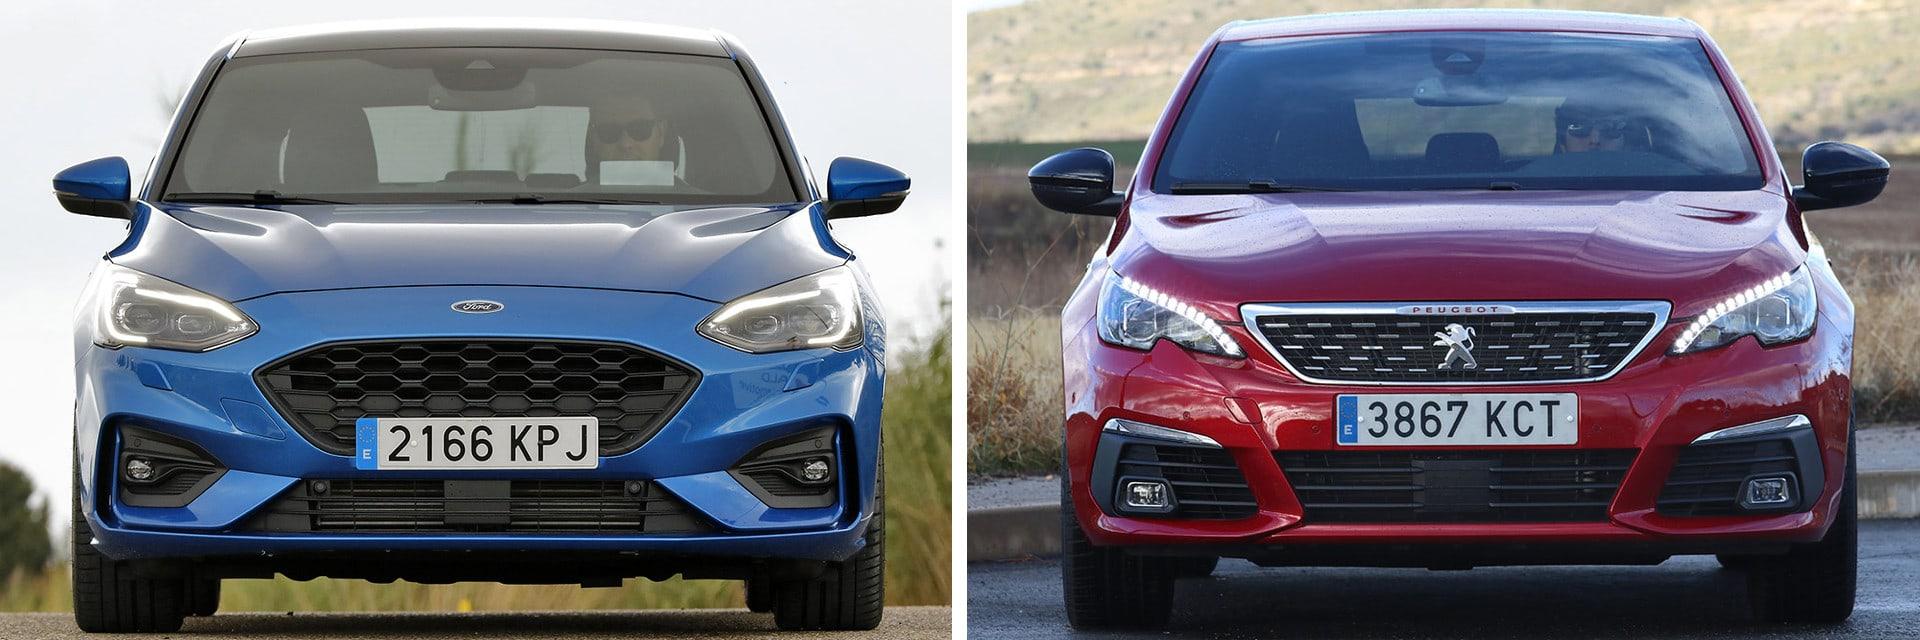 Las fotos del Ford Focus (izq.) y las del Peugeot 308 (dcha.) corresponden a los acabados indicados en la comparativa(*) / km77